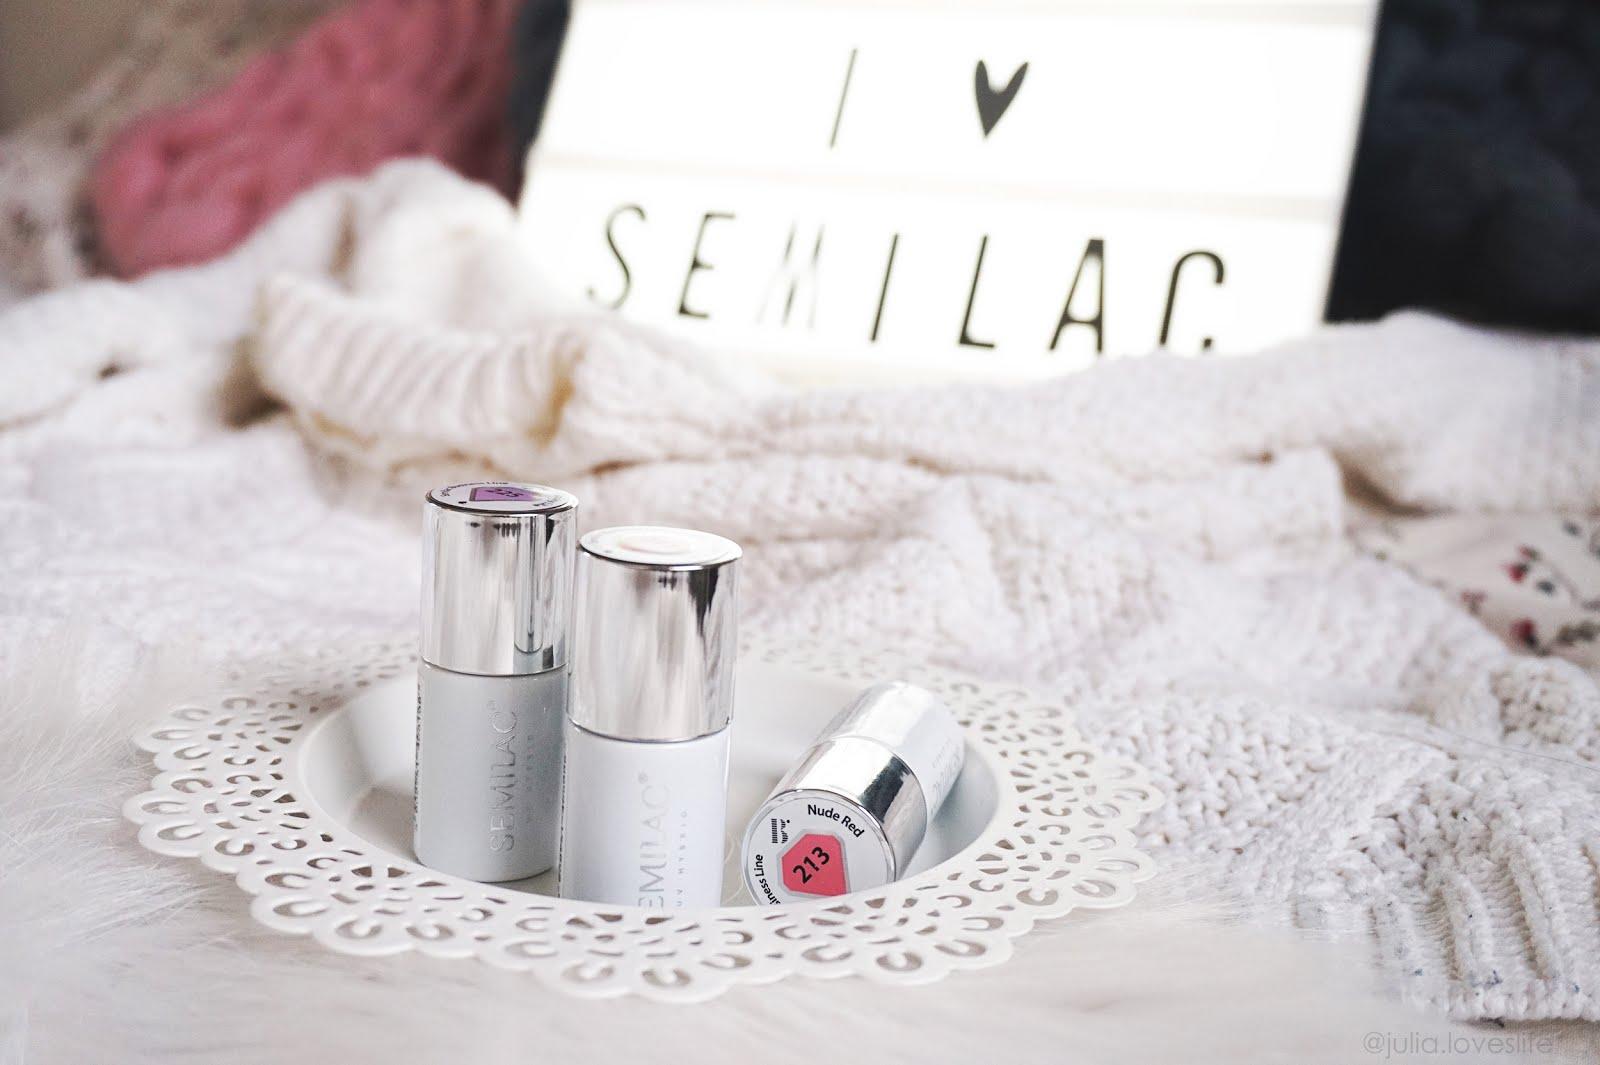 Zimowy manicure z Semilac | opinia o lakierach + prezentacja kolorów i pyłków (dużo zdjęć!)